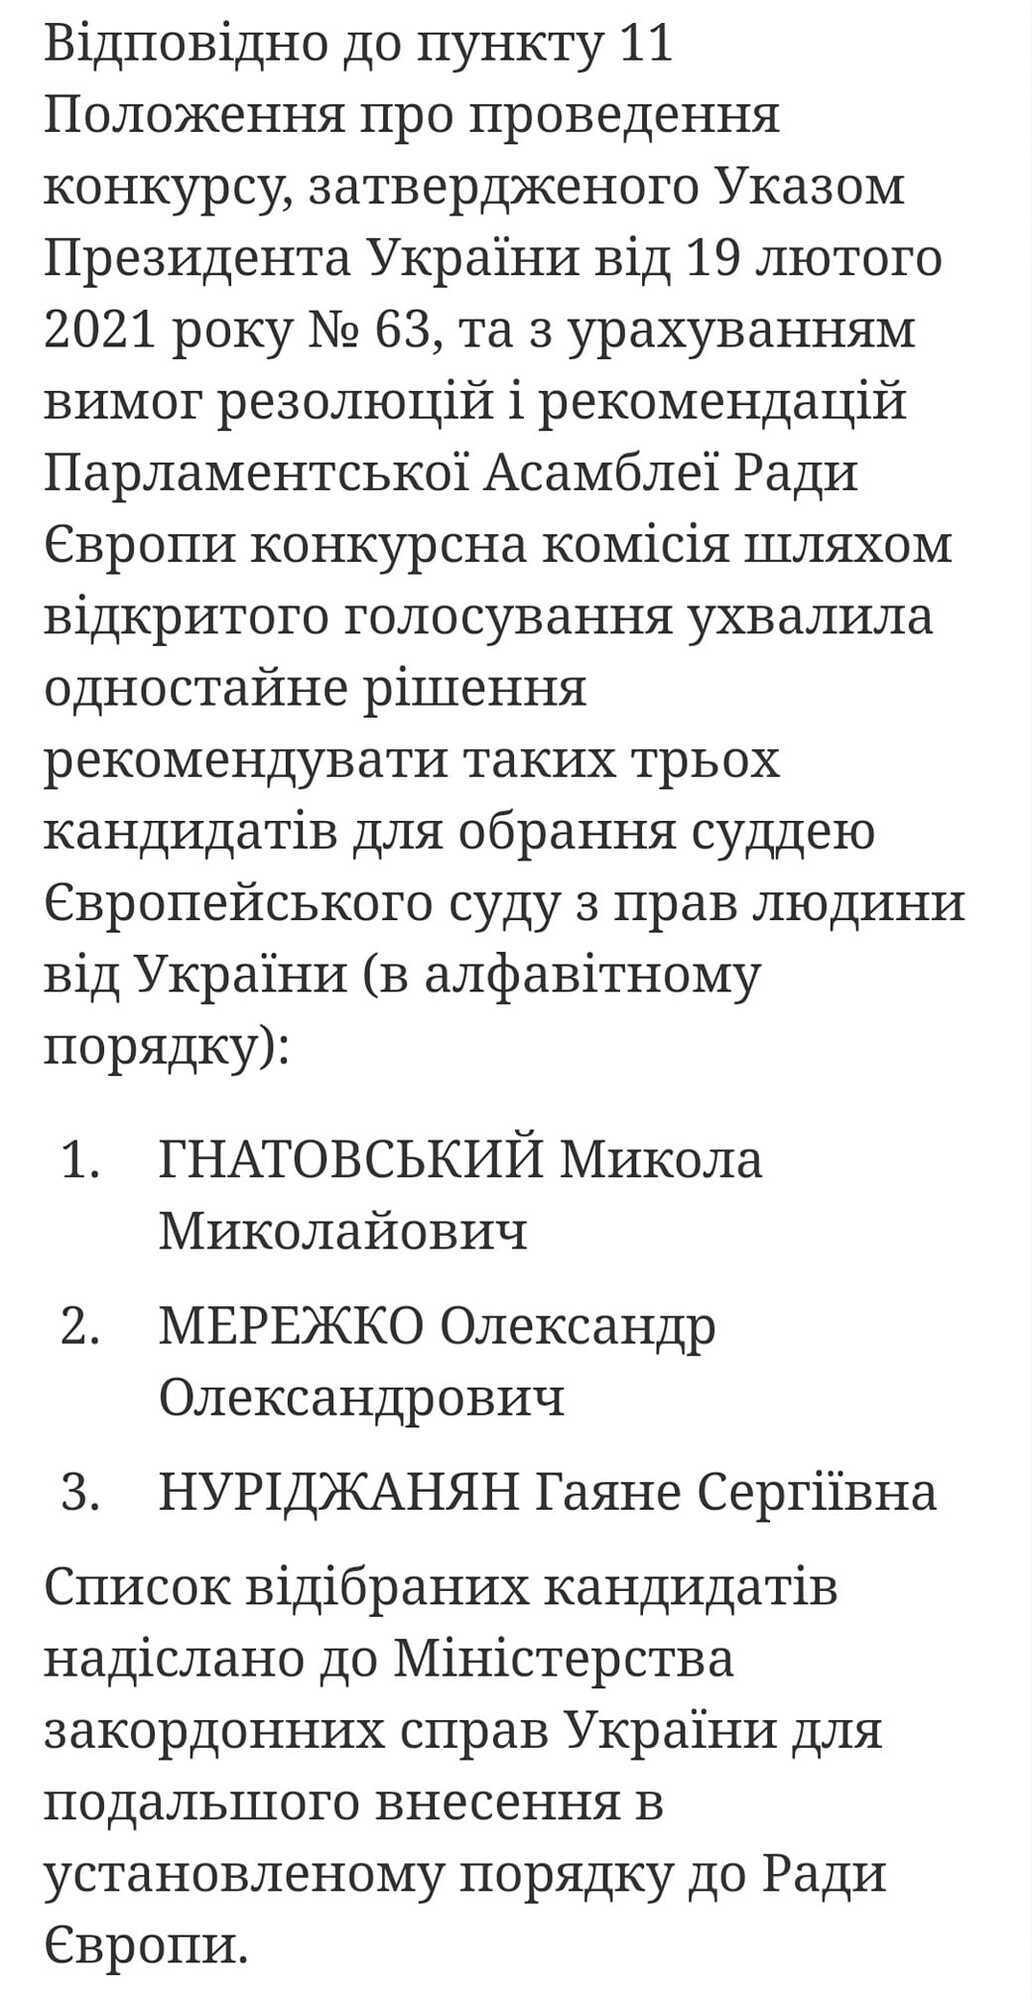 О подтасовке в отборе кандидатов на должность судьи ЕСПЧ от Украины